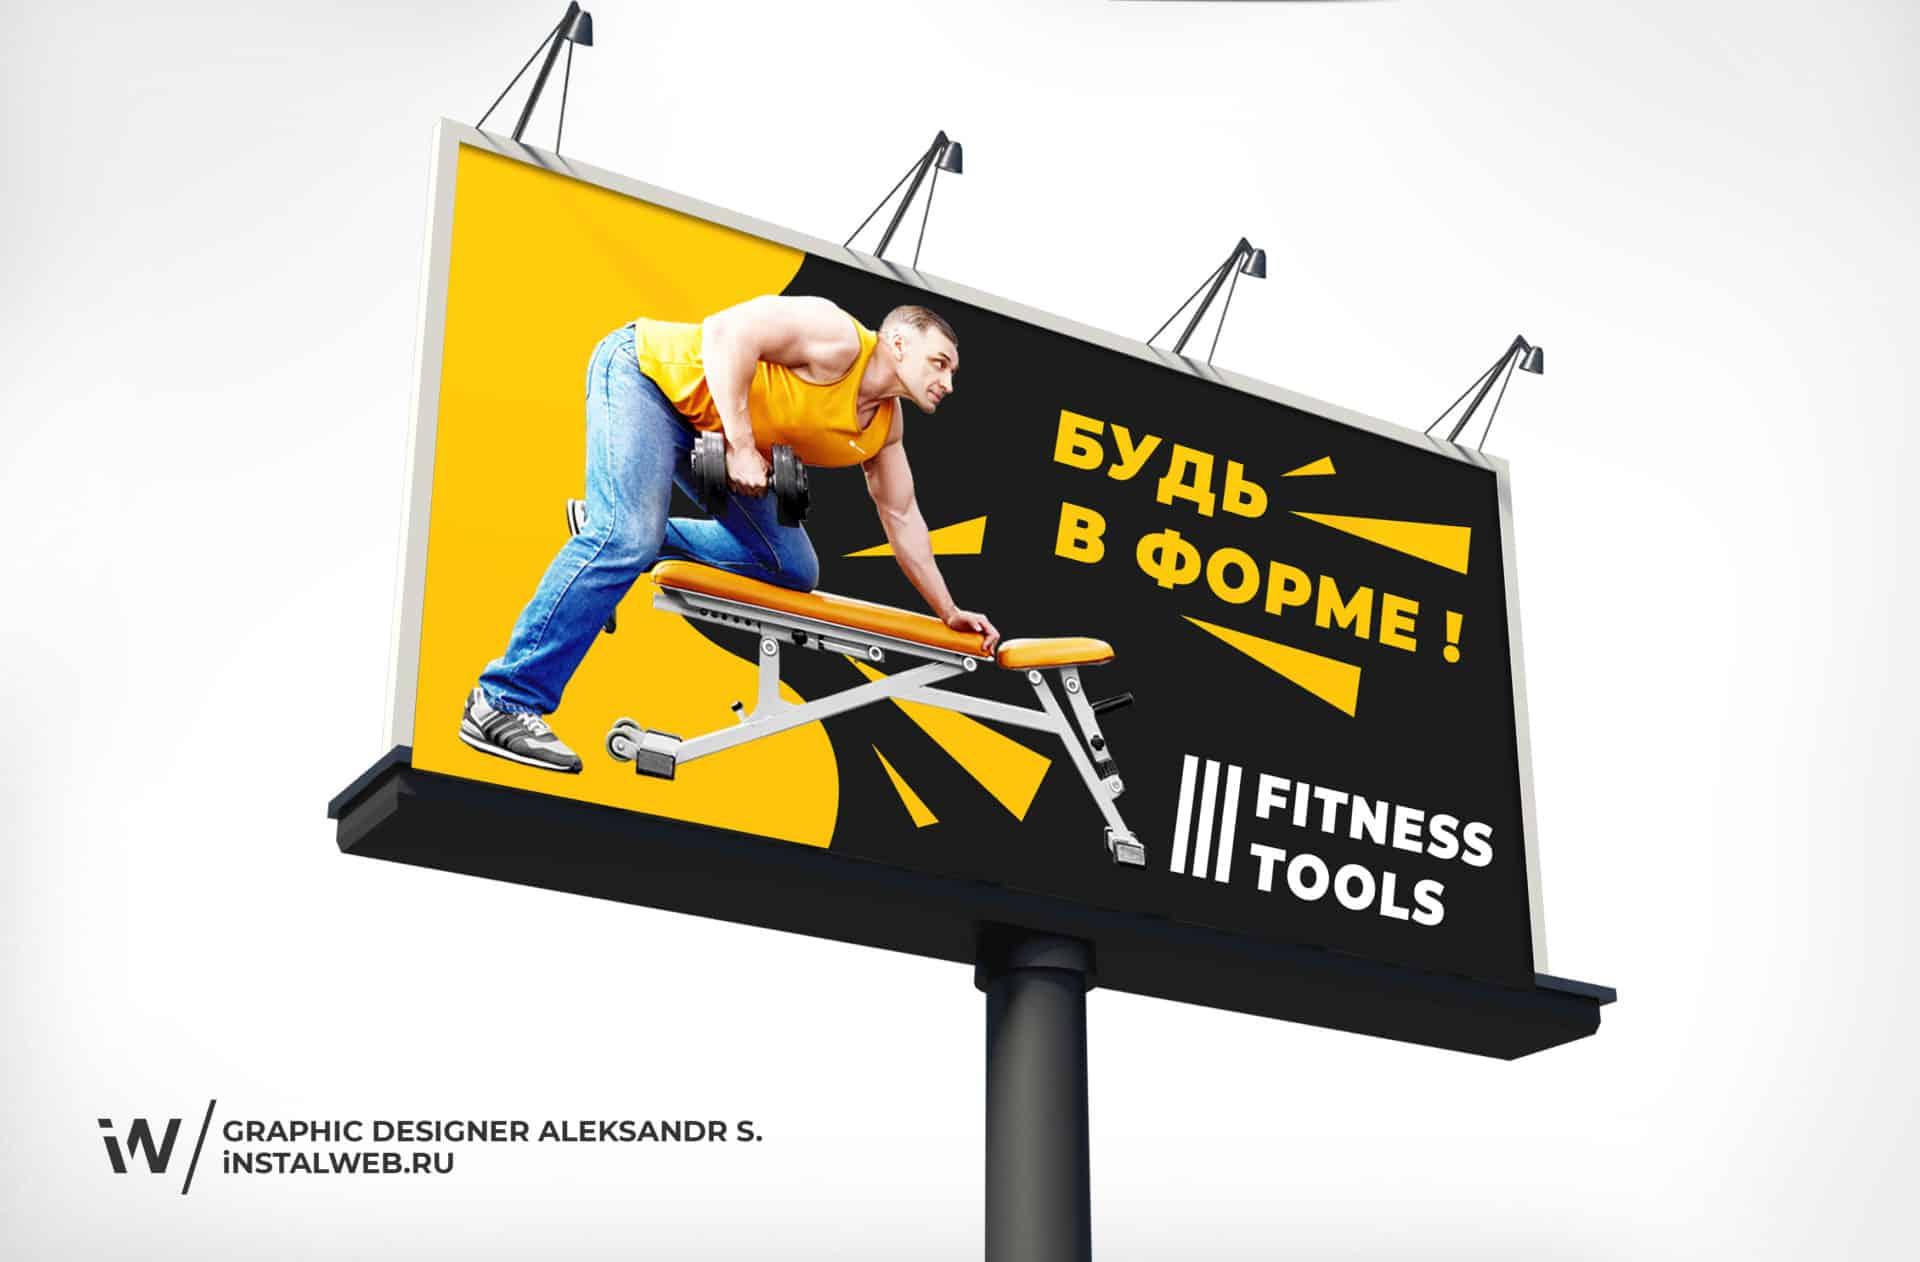 Пример дизайна рекламы фитнес студии